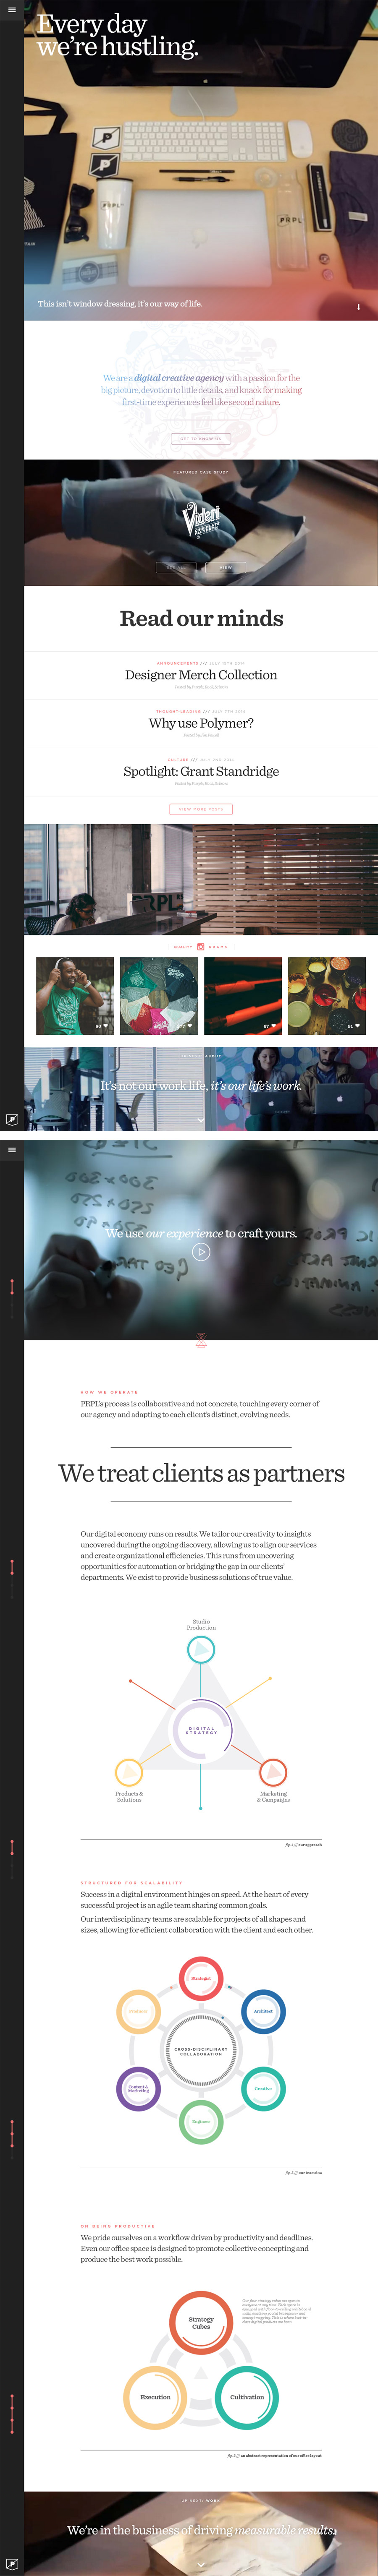 PRPL - Inspiración web design